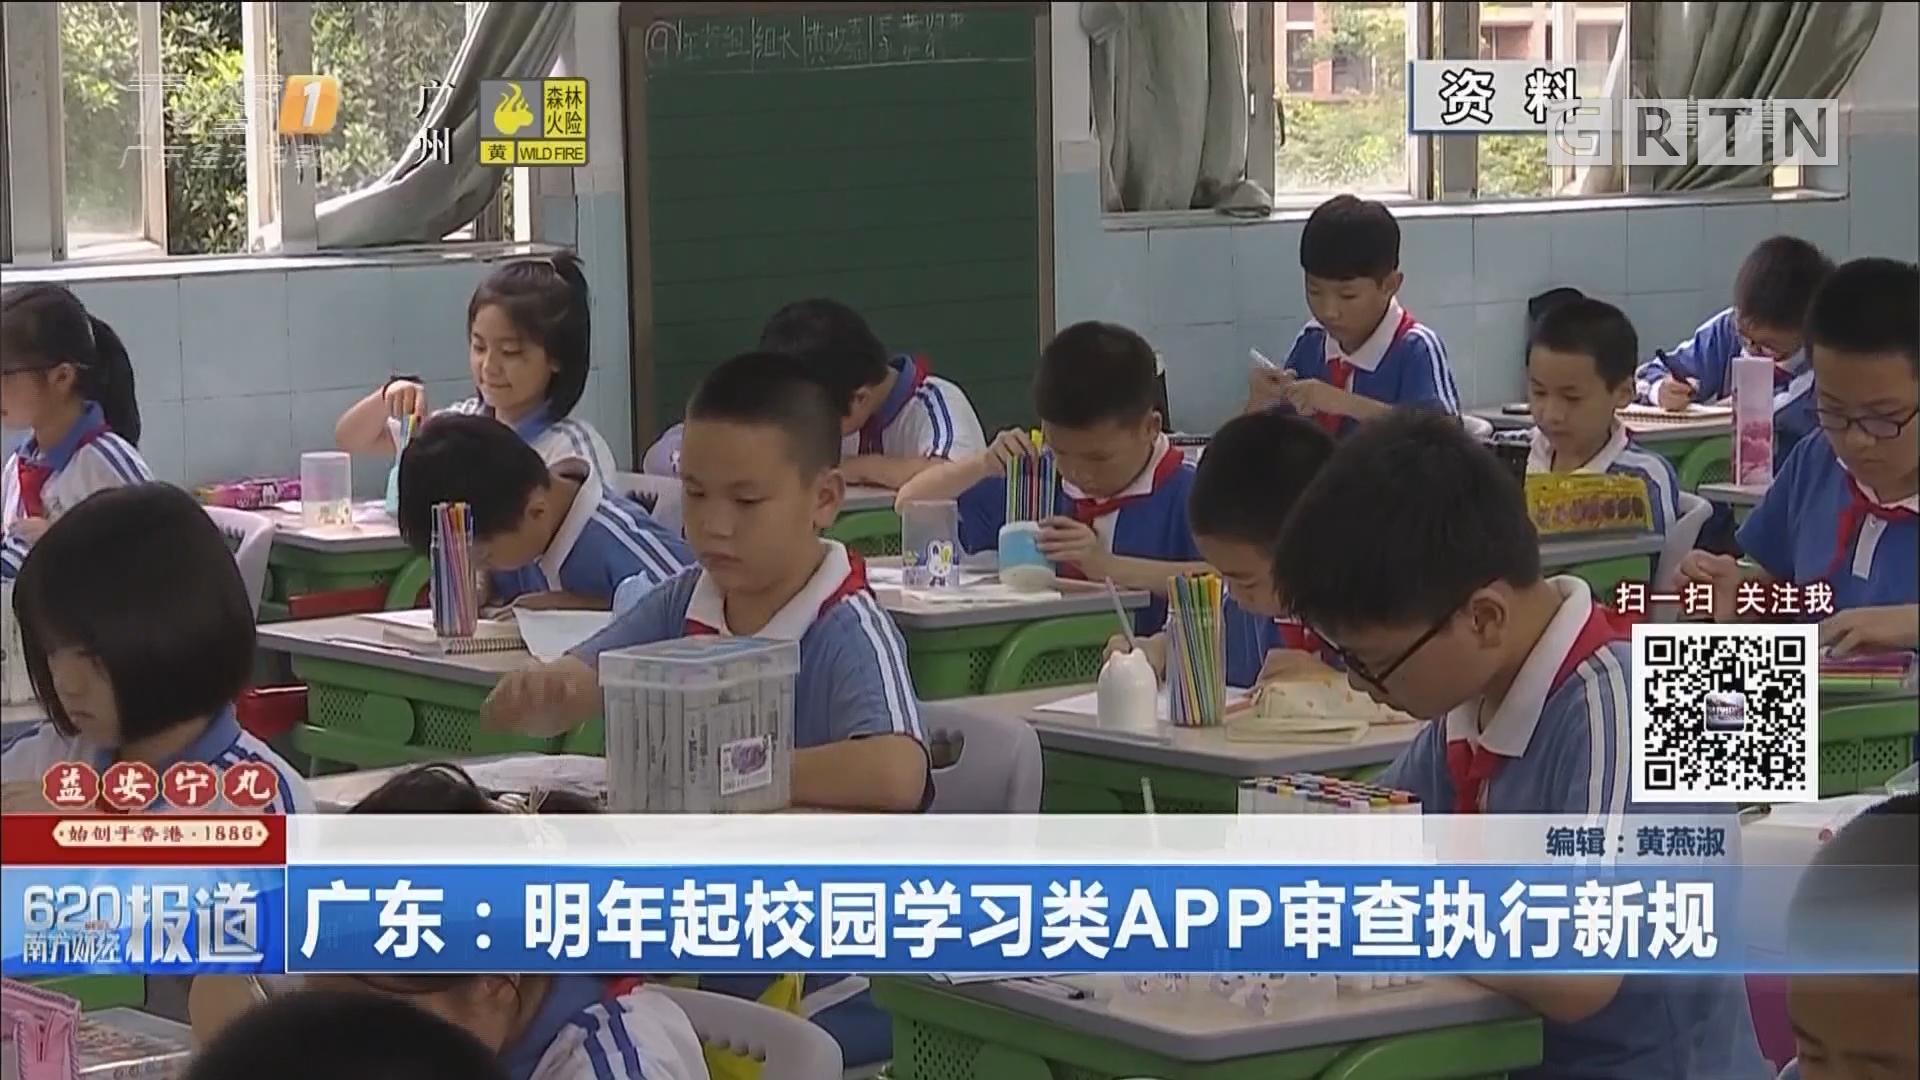 广东:明年起校园学习类APP审查执行新规